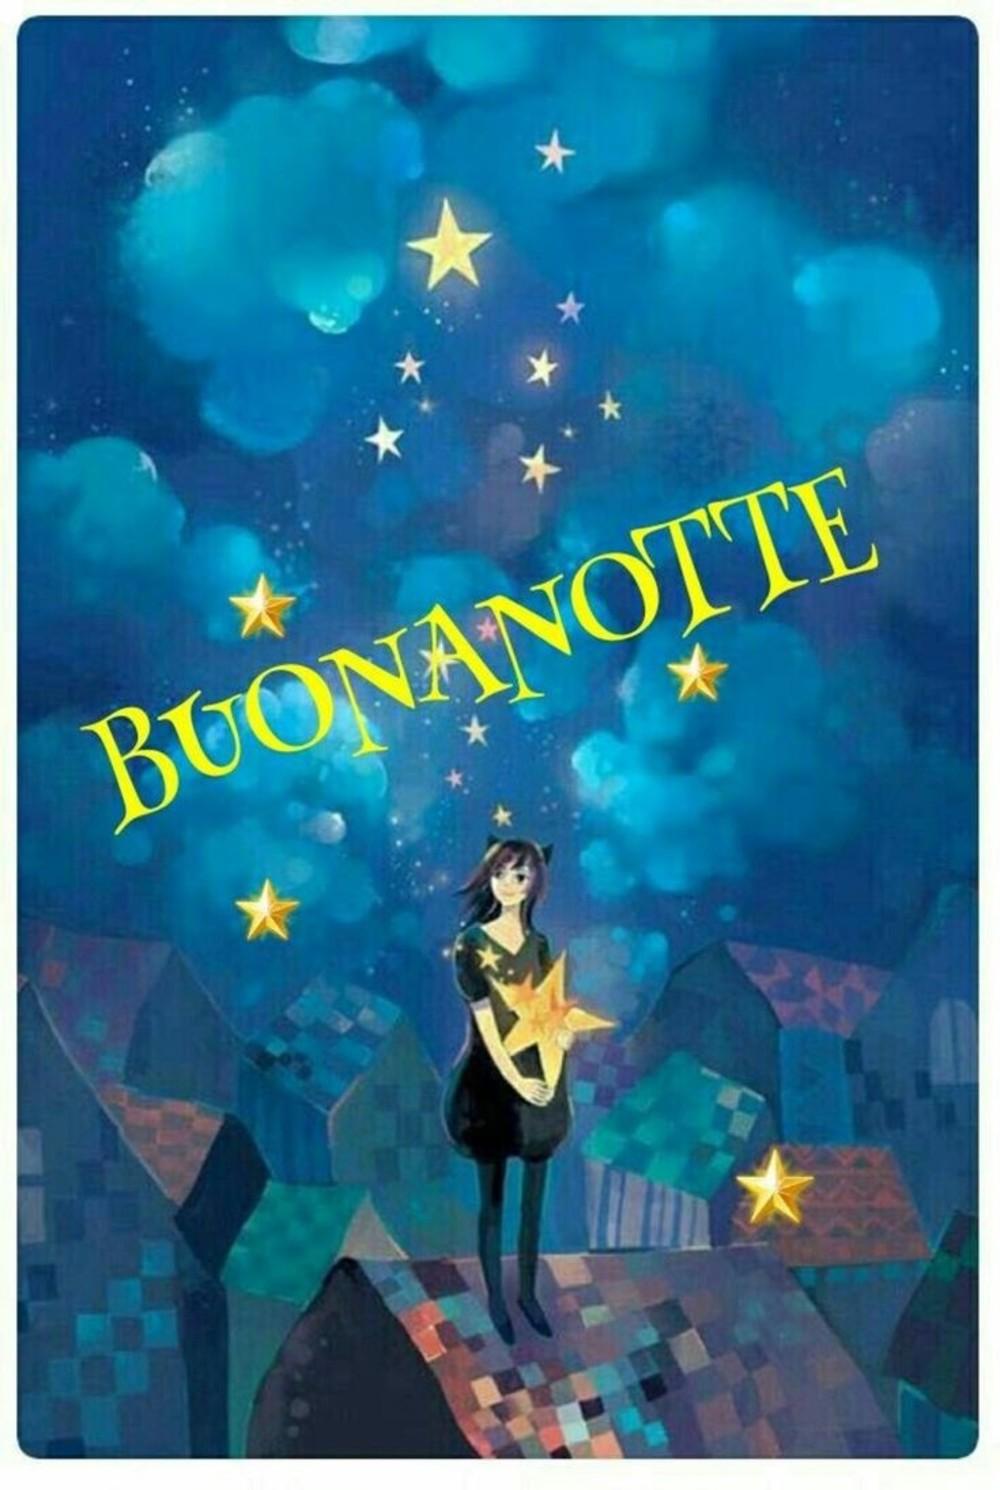 Buonanotte Belle Immagini Gratis Archives Pagina 3 Di 4